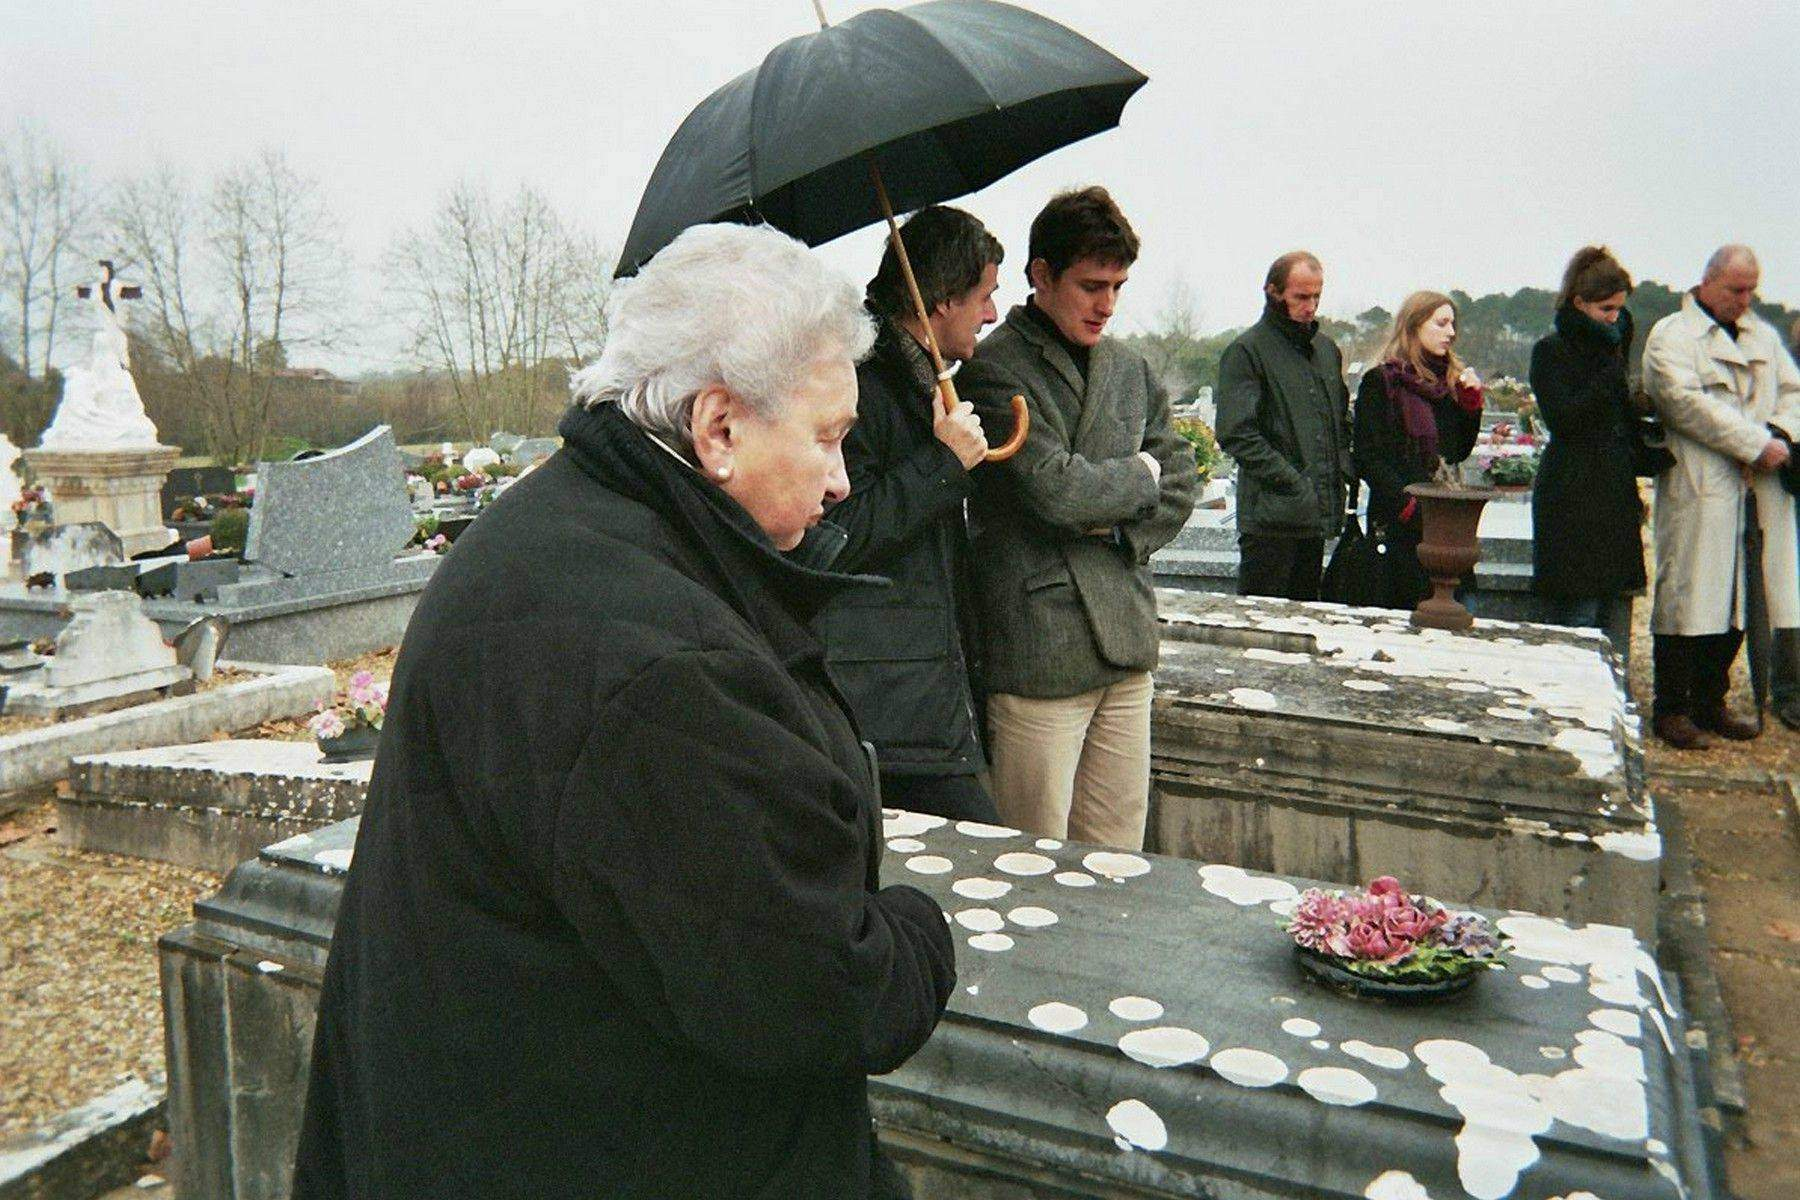 Le trepas et le deuil - Psychologie du vieillissement : Le trépas et le deuil